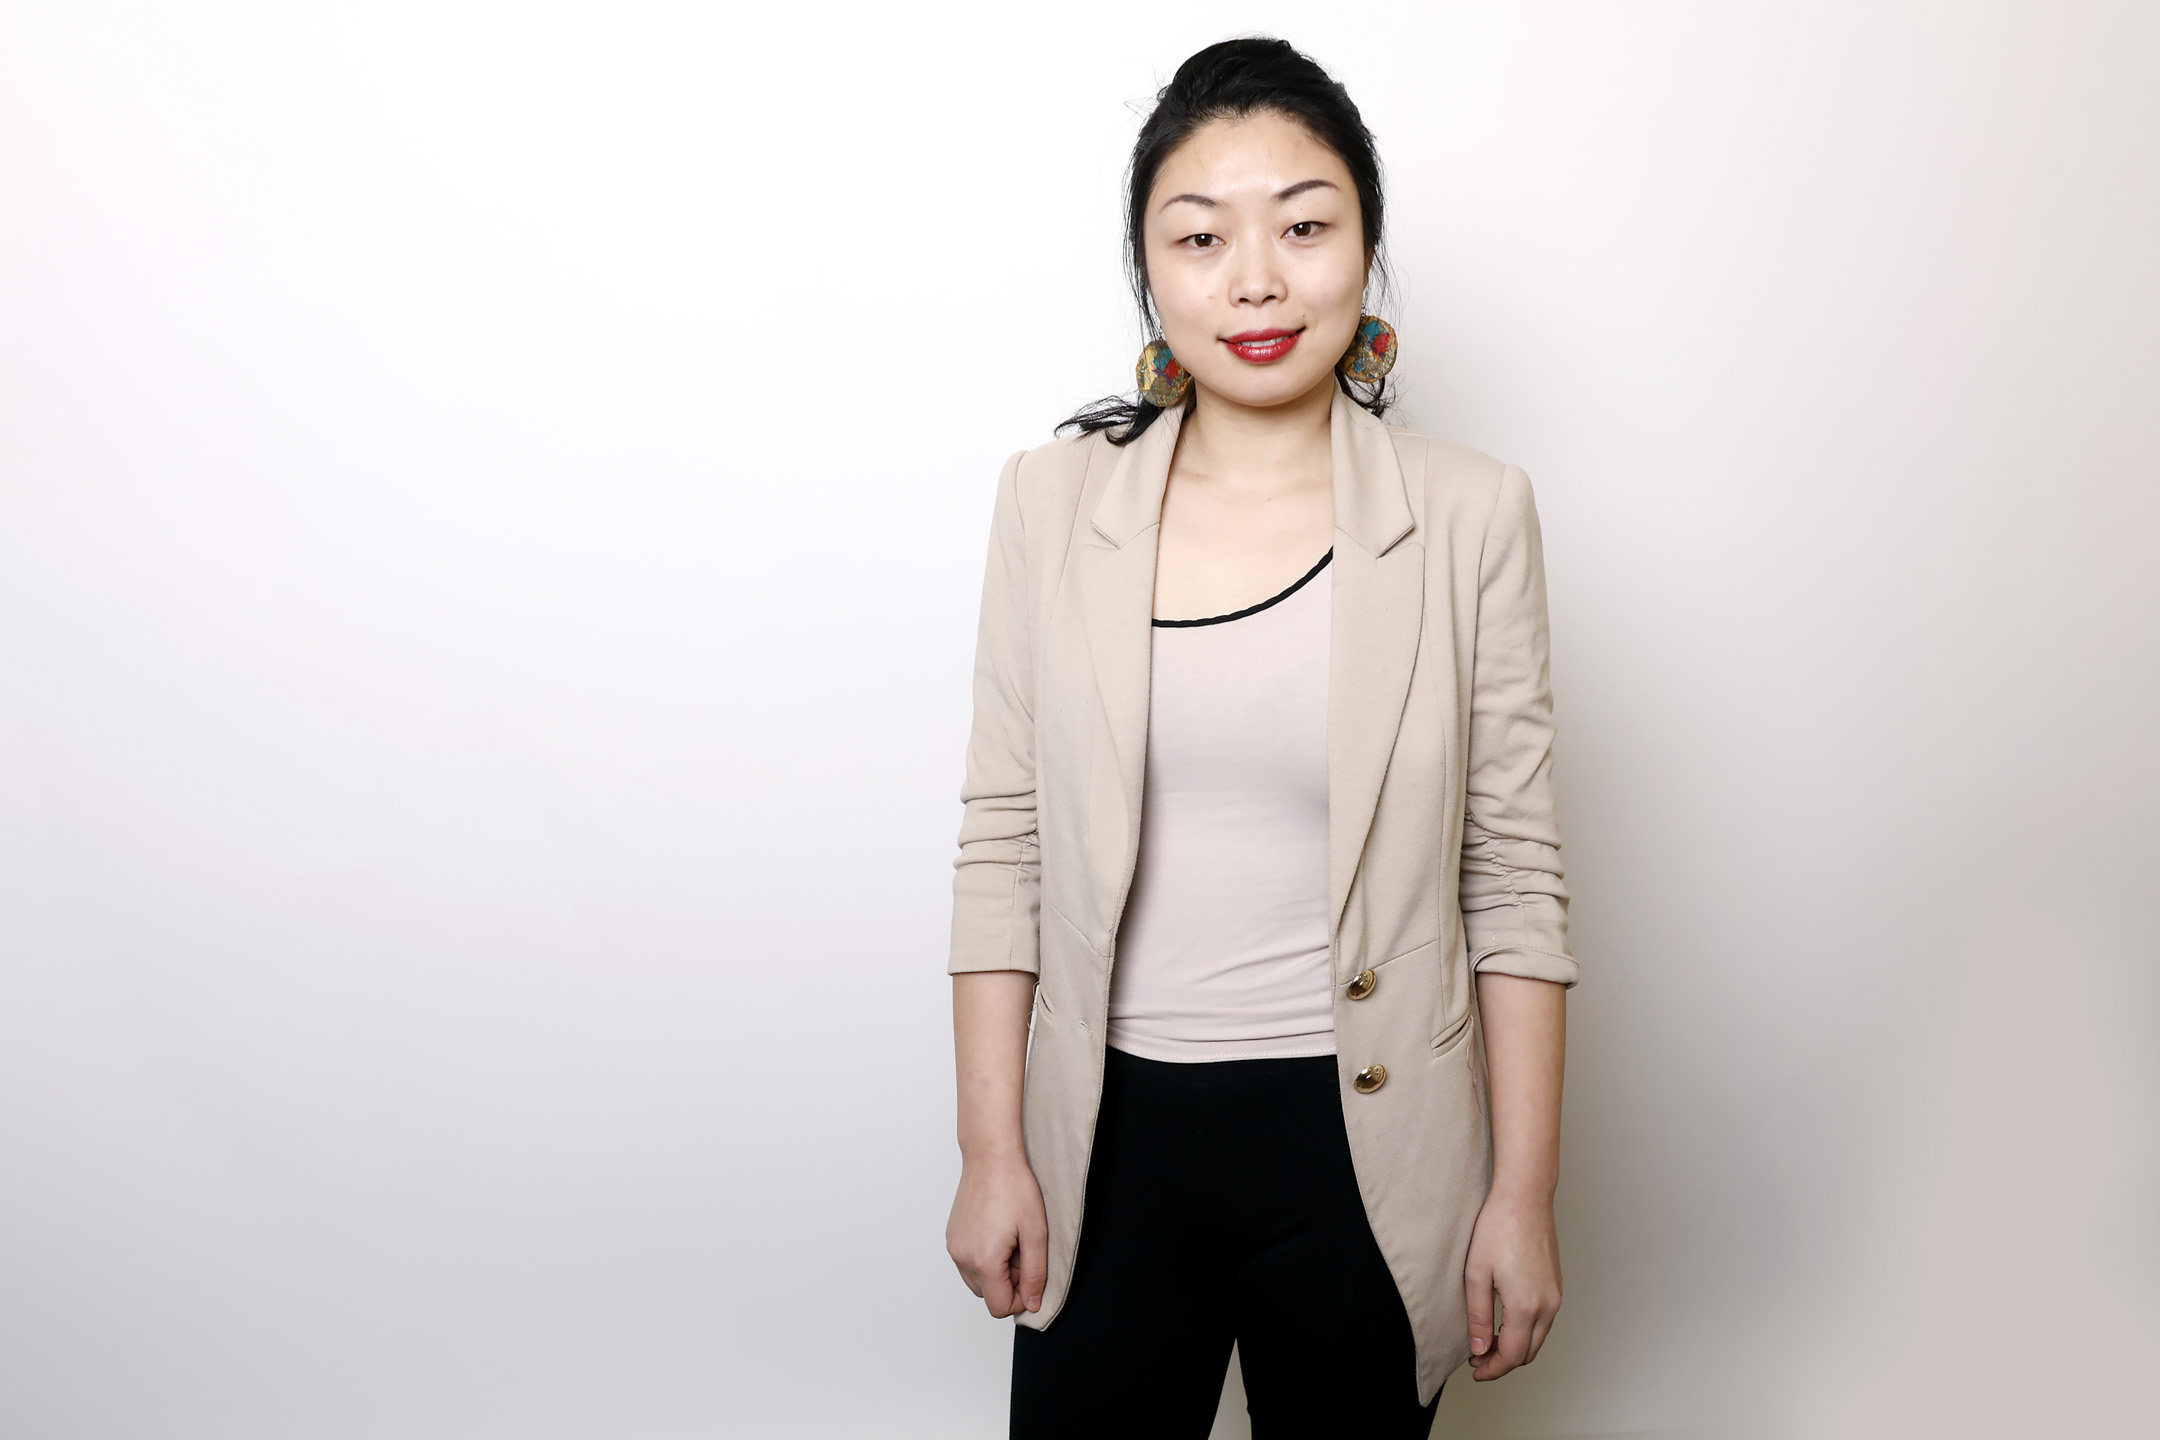 王男栿1985年生於中國江西,2011年赴美求學,之後成為紀錄片導演。她曾拍攝《海南之後》、《獨生之國》等影片,新片《我和祖國共命運》不久前在聖丹斯電影節首映。 攝:Matt Sayles/Invision/AP/達志影像